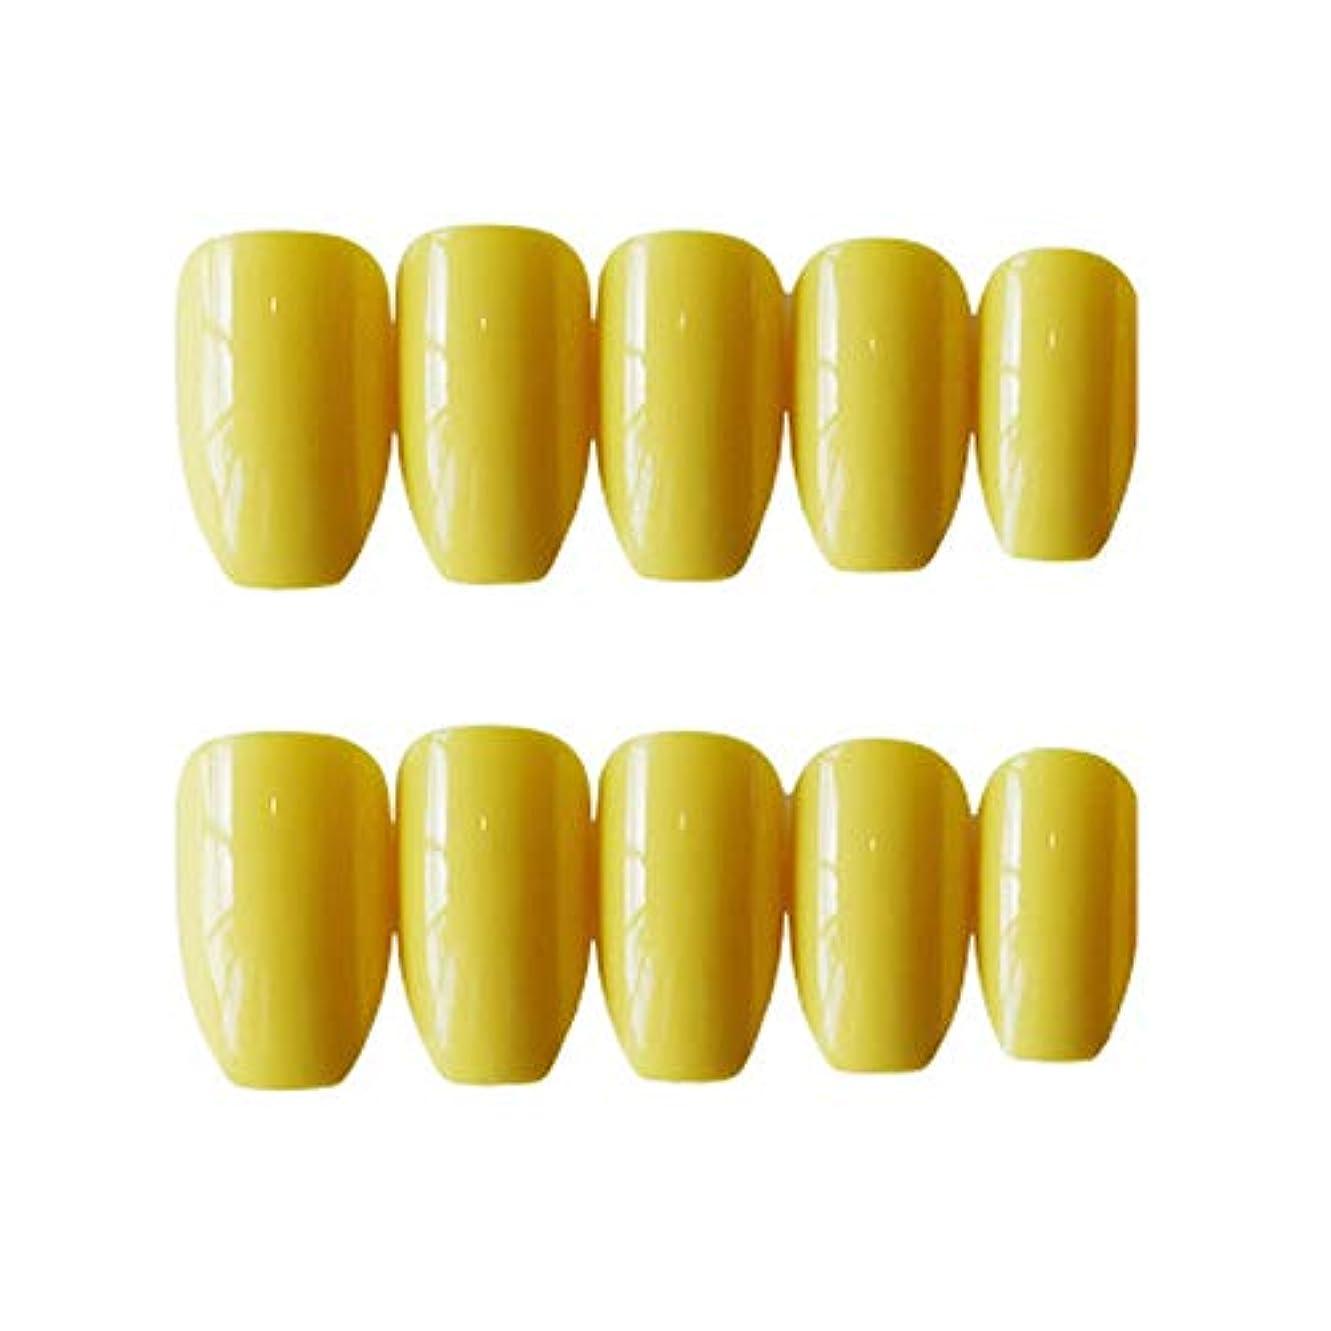 ピボット対称予備XUTXZKA 24本の長い偽の爪ピンクブルー型の偽の爪指の爪